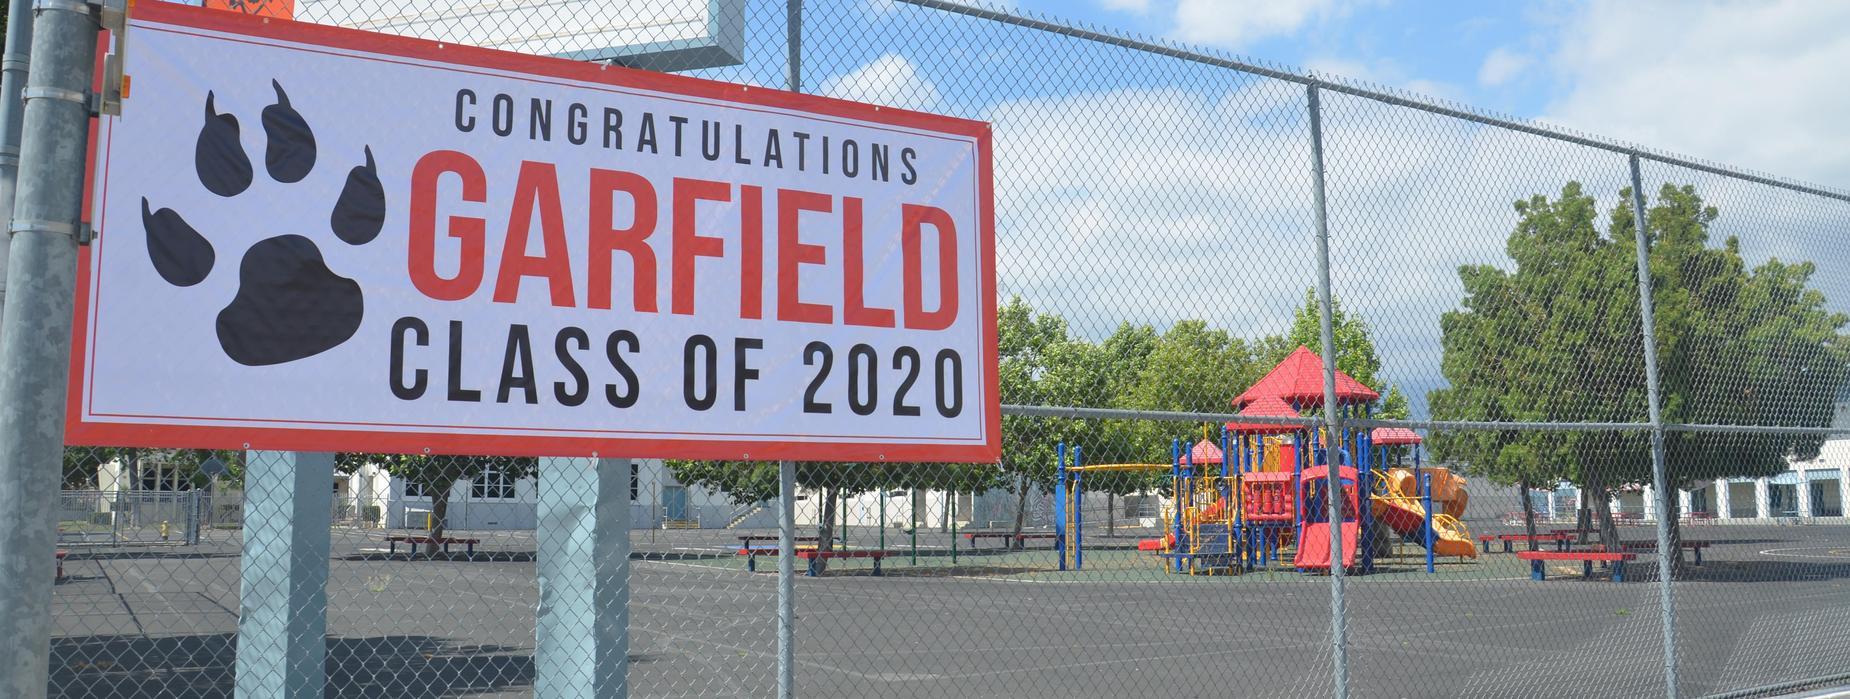 Garfield Class of 2020 Banner